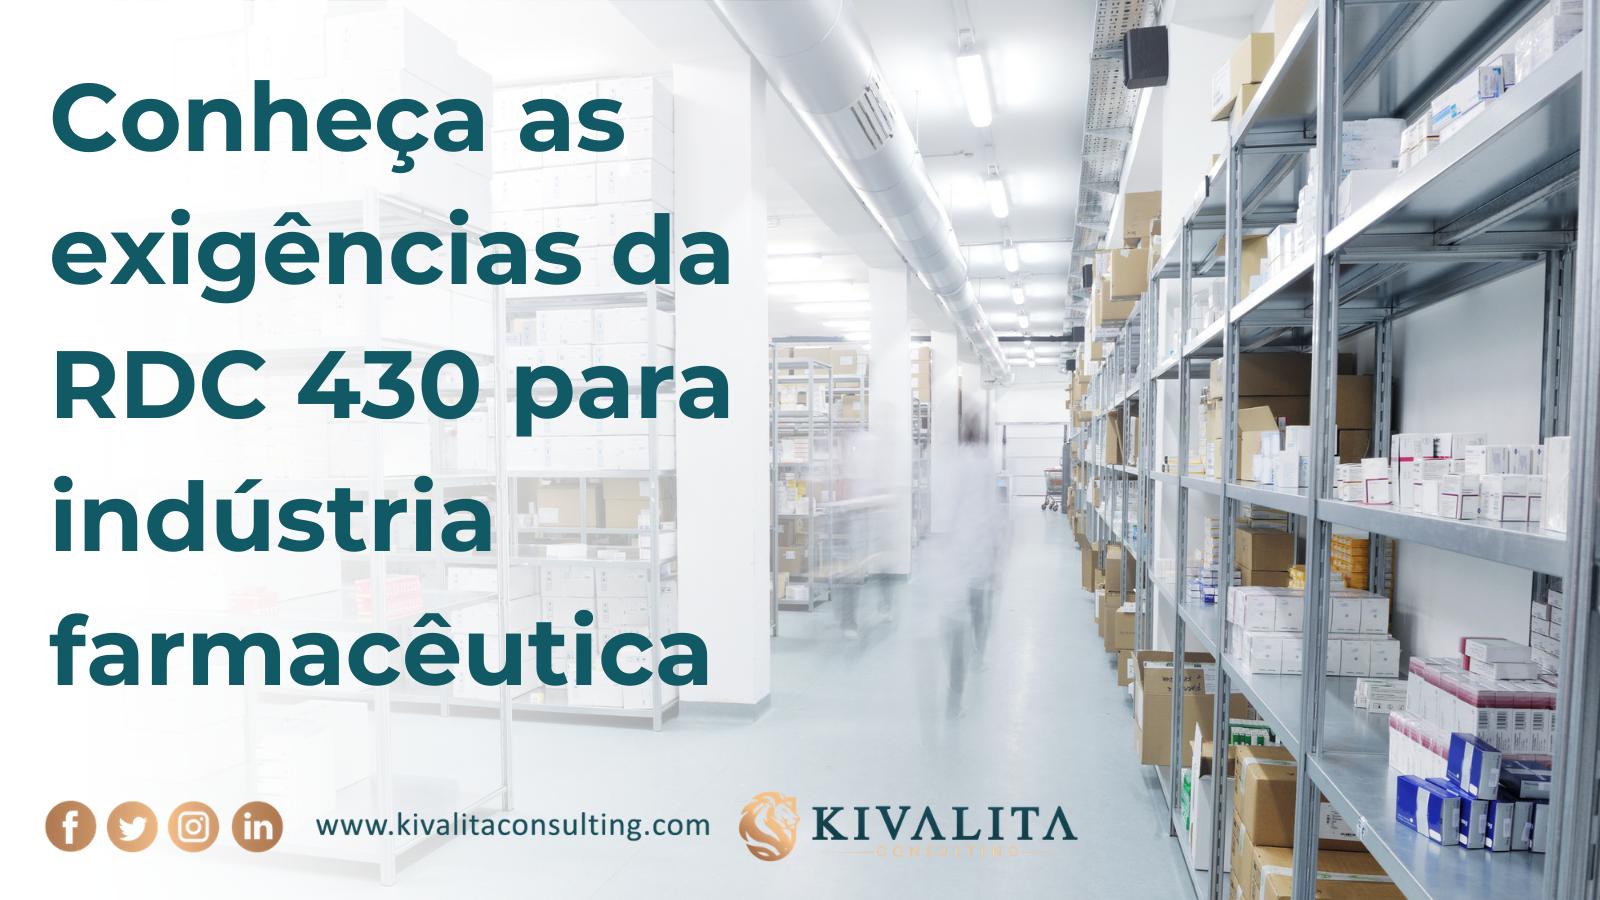 Conheça as exigências da RDC 430 para indústria farmacêutica